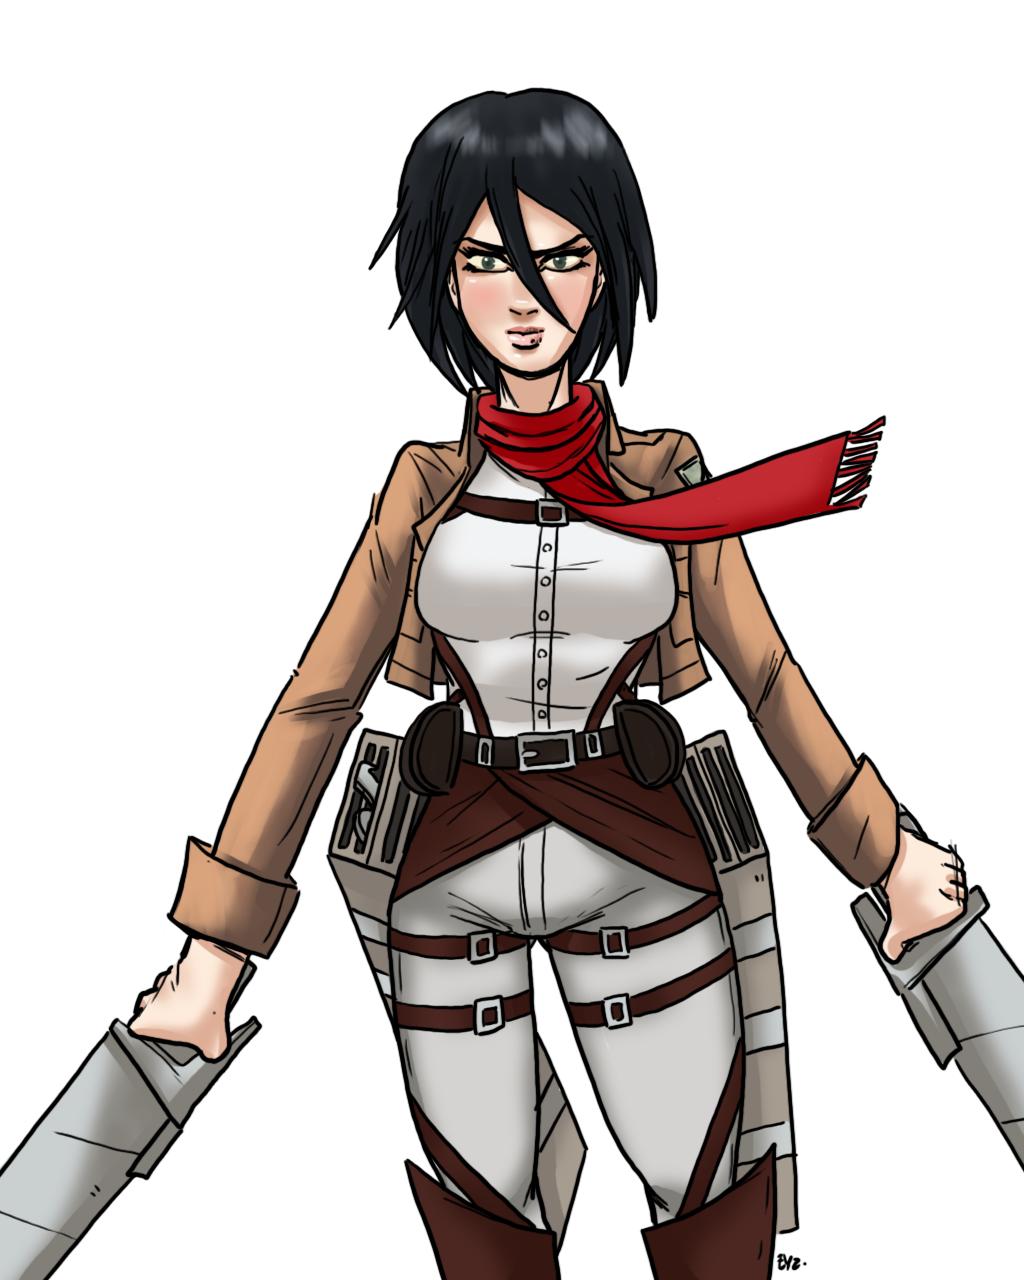 Mikasa by theEyZmaster on DeviantArt